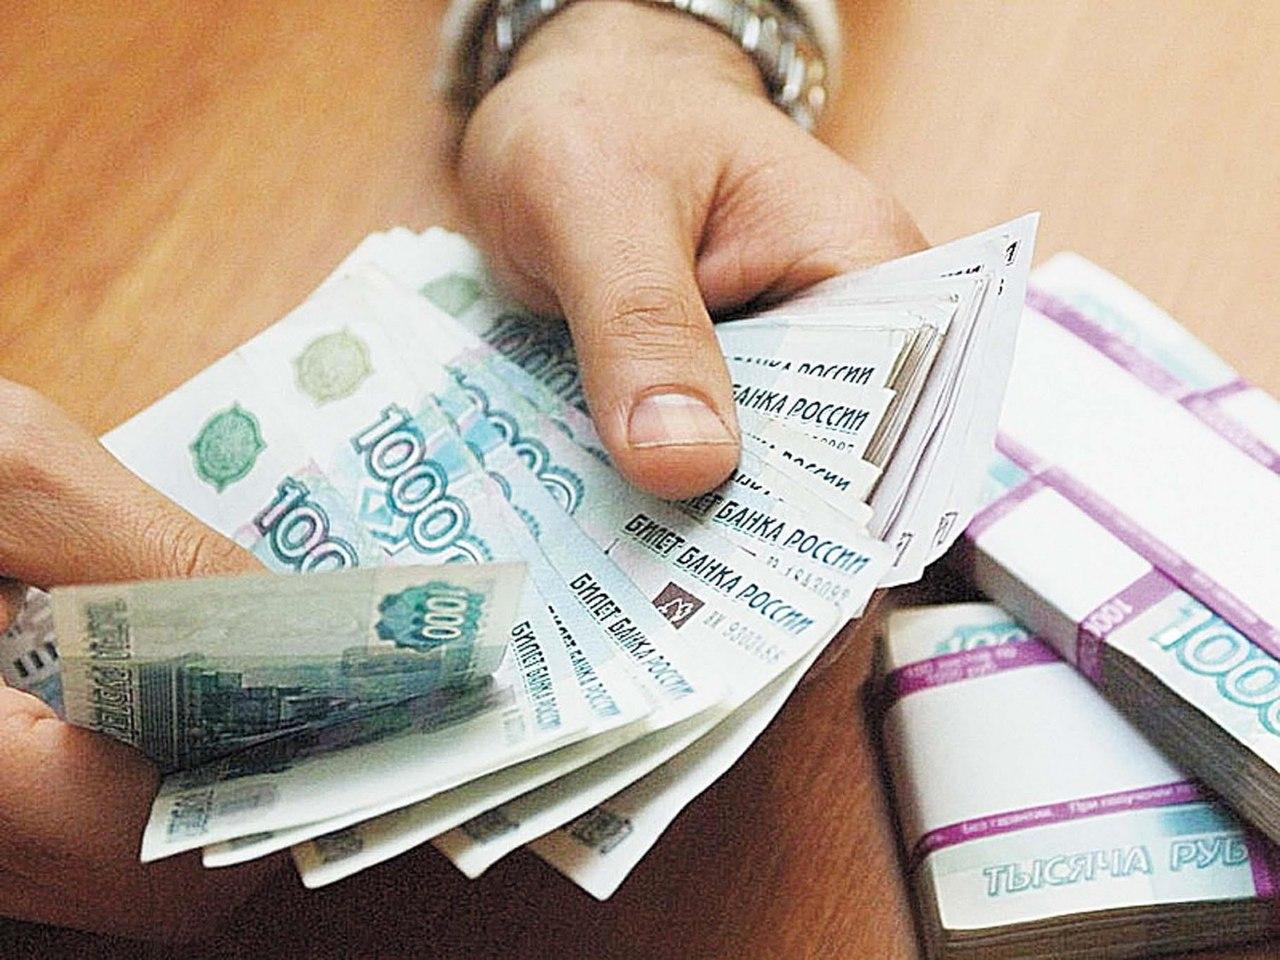 """Томич обвиняется в том,что набрал """"вахтовиков"""" и скрылся с их деньгами"""